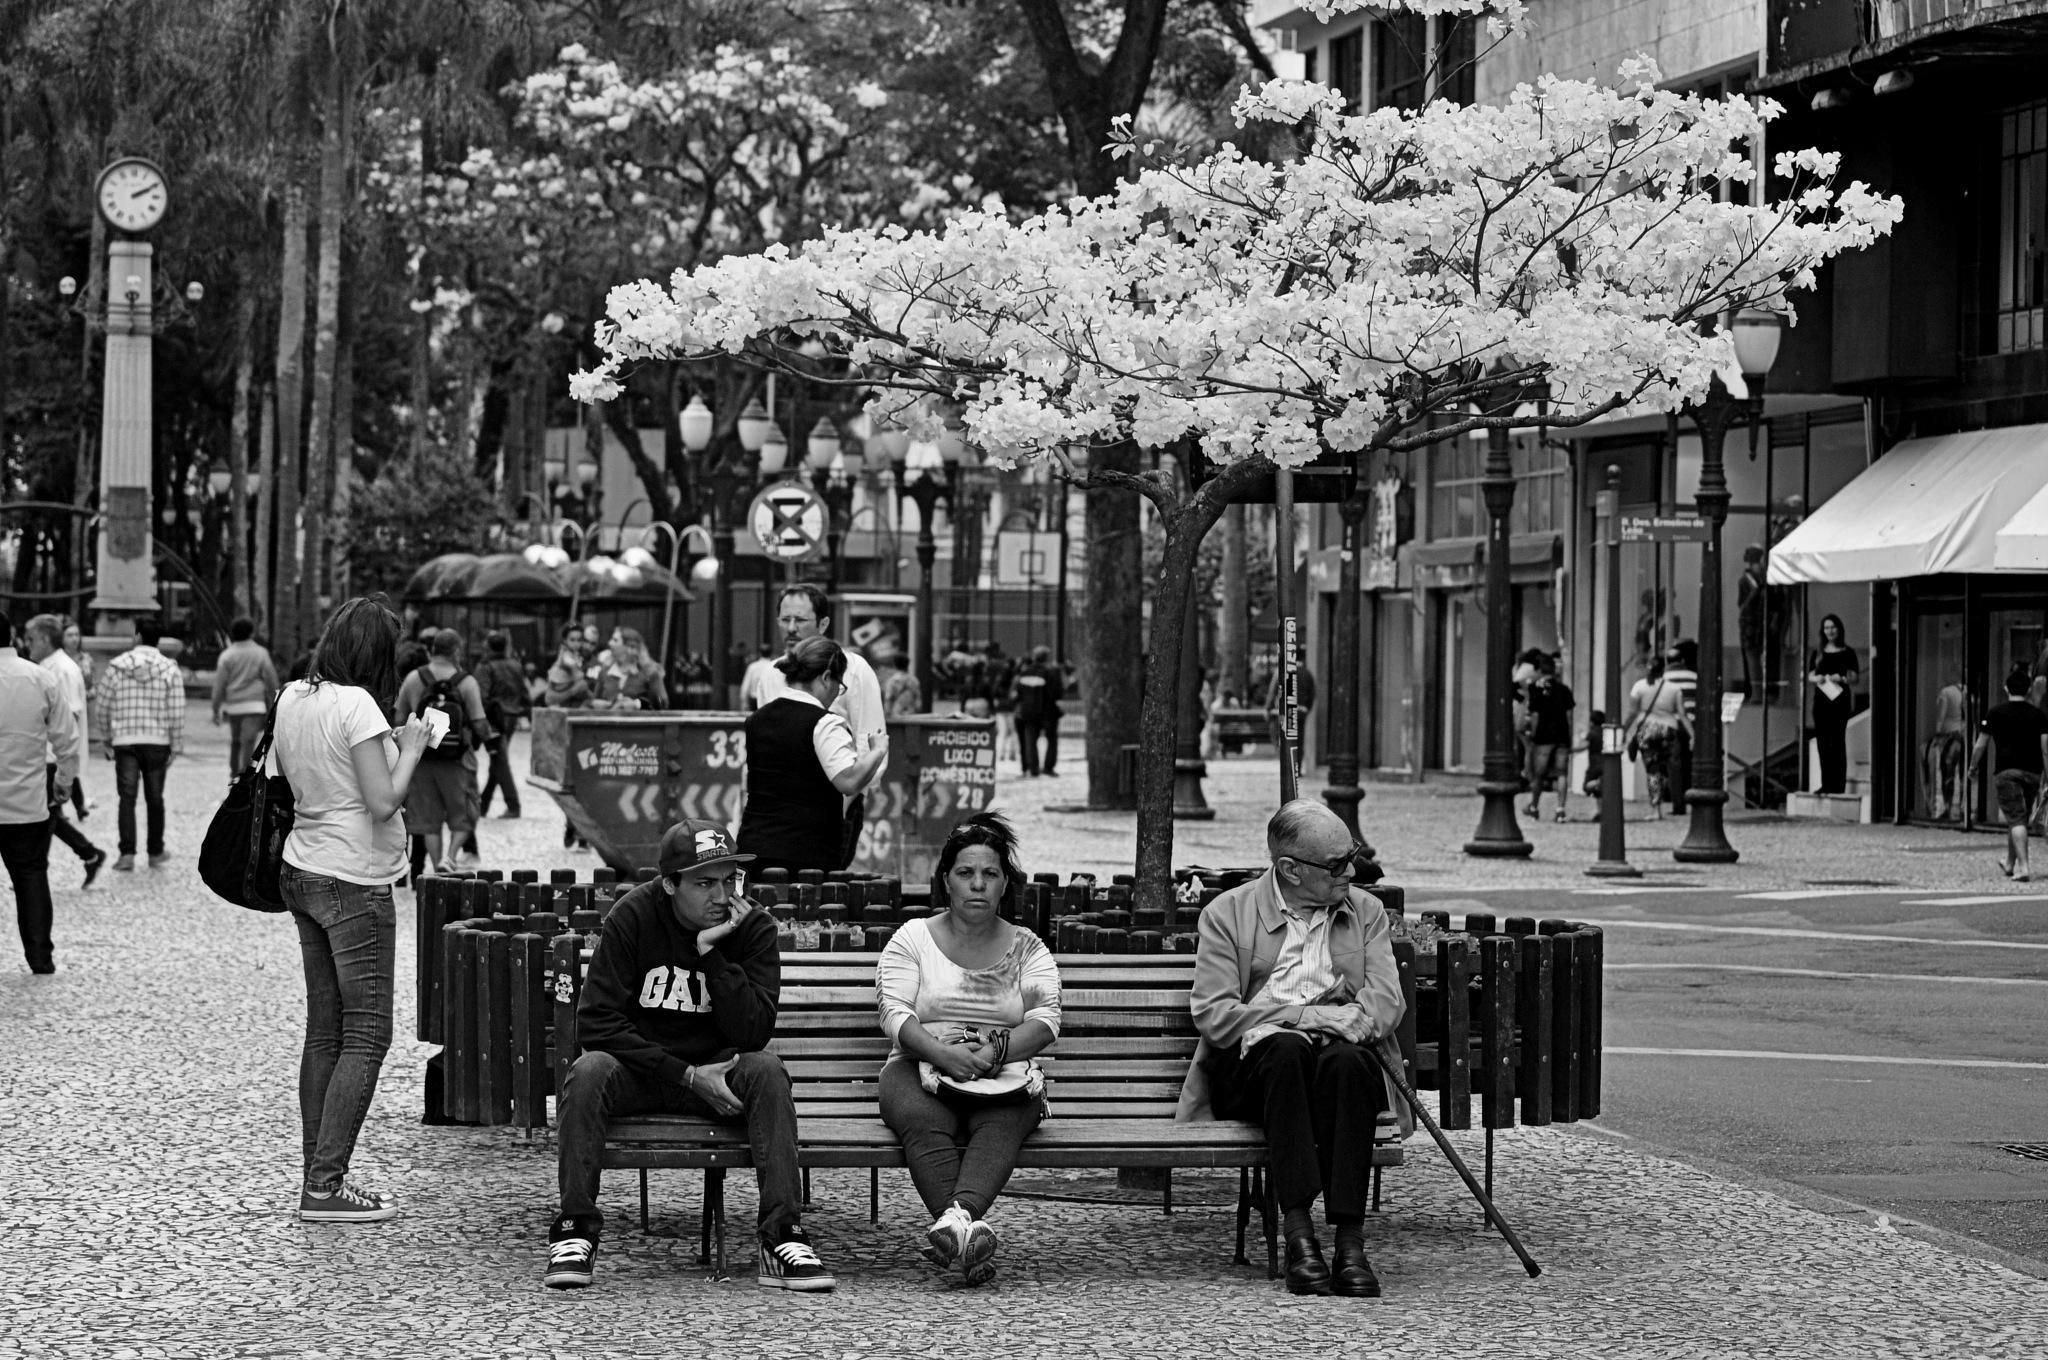 Ruas de Curitiba by José Evaldo Suassuna de Oliveira